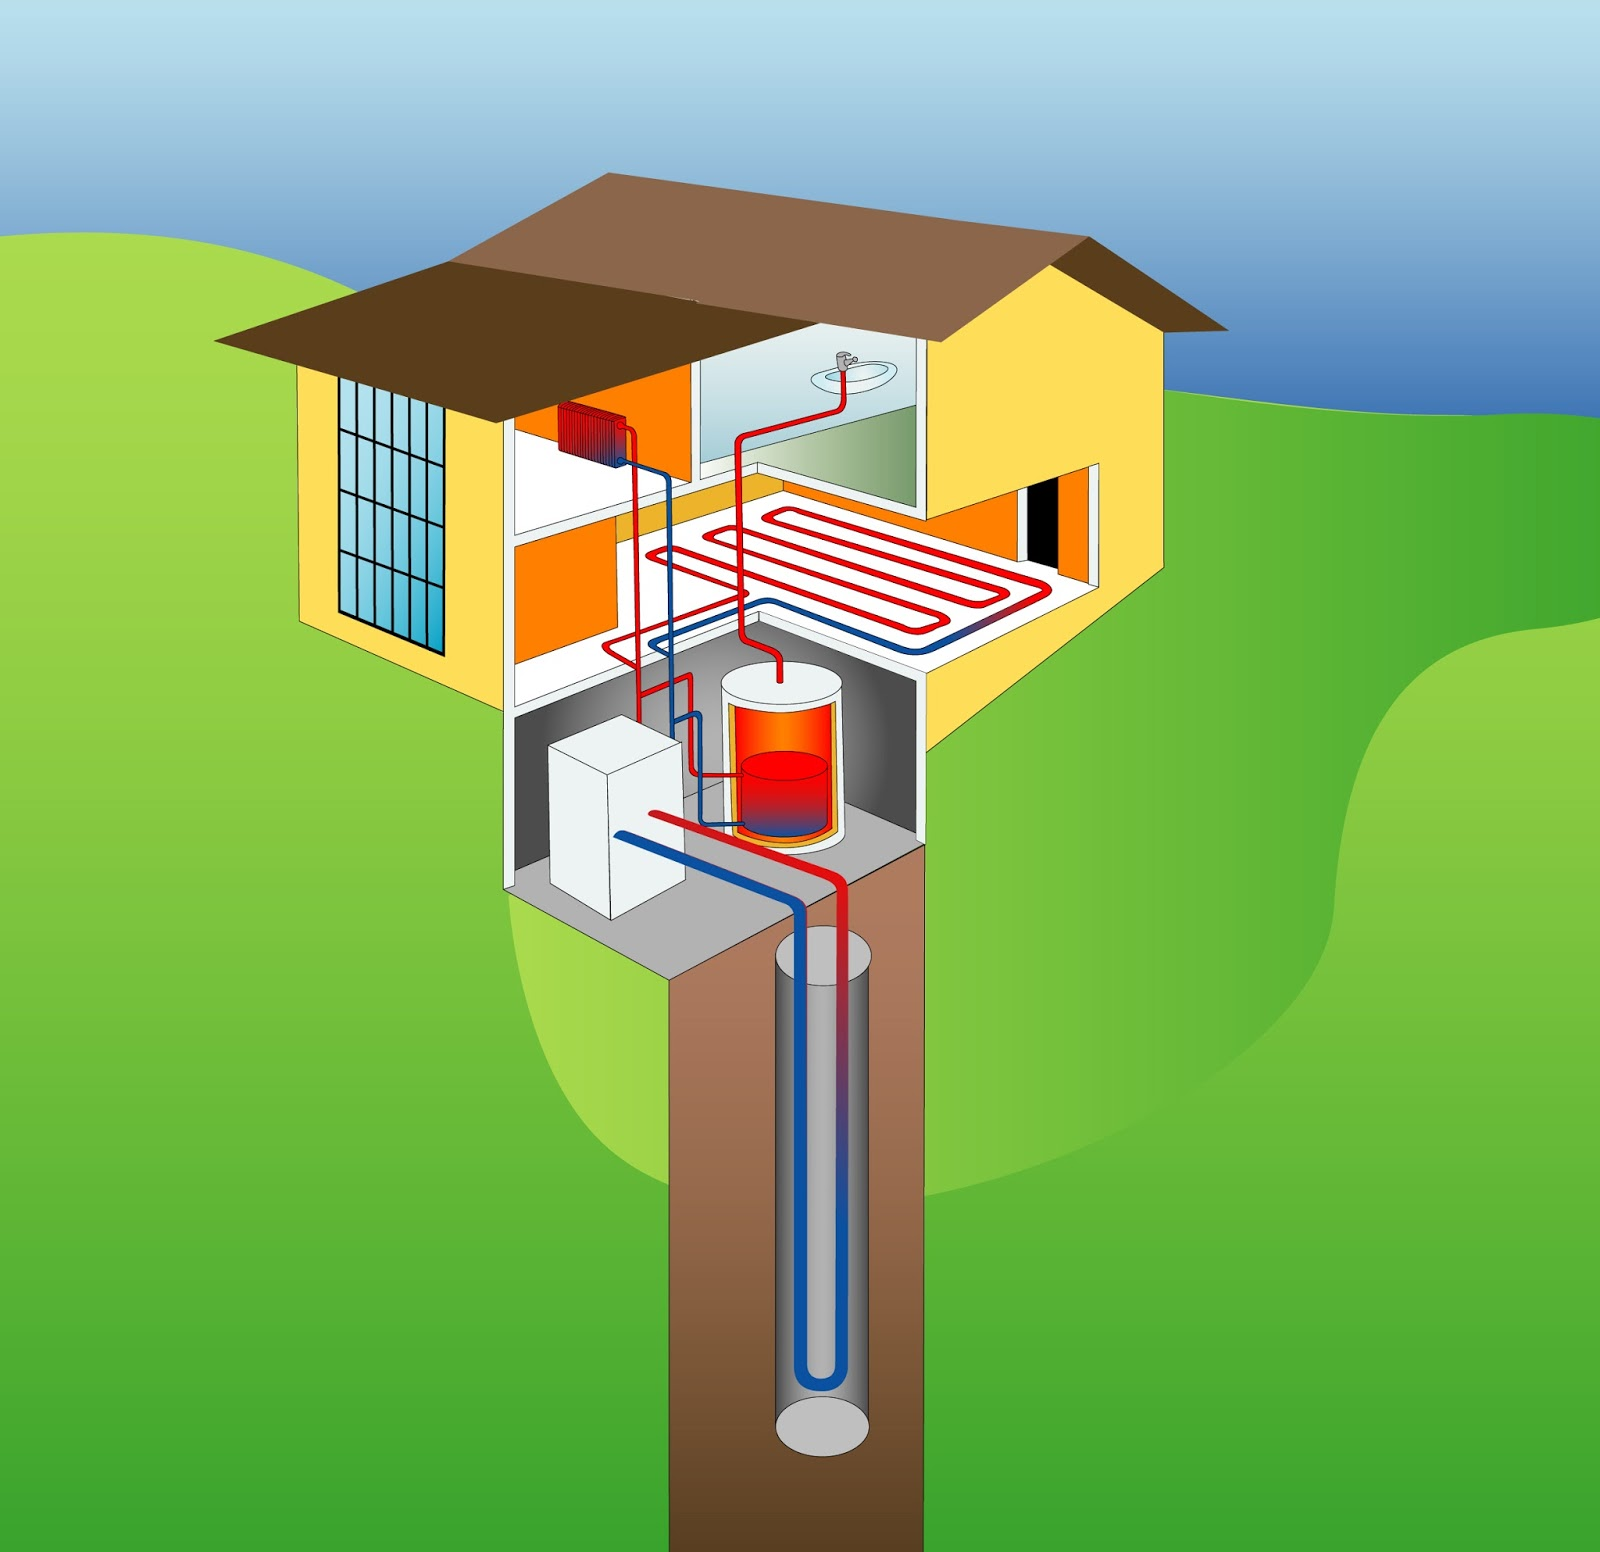 Motore schietti domenico schietti impianti di riscaldamento a pompa di calore alimentati dal - Costo metano casa ...